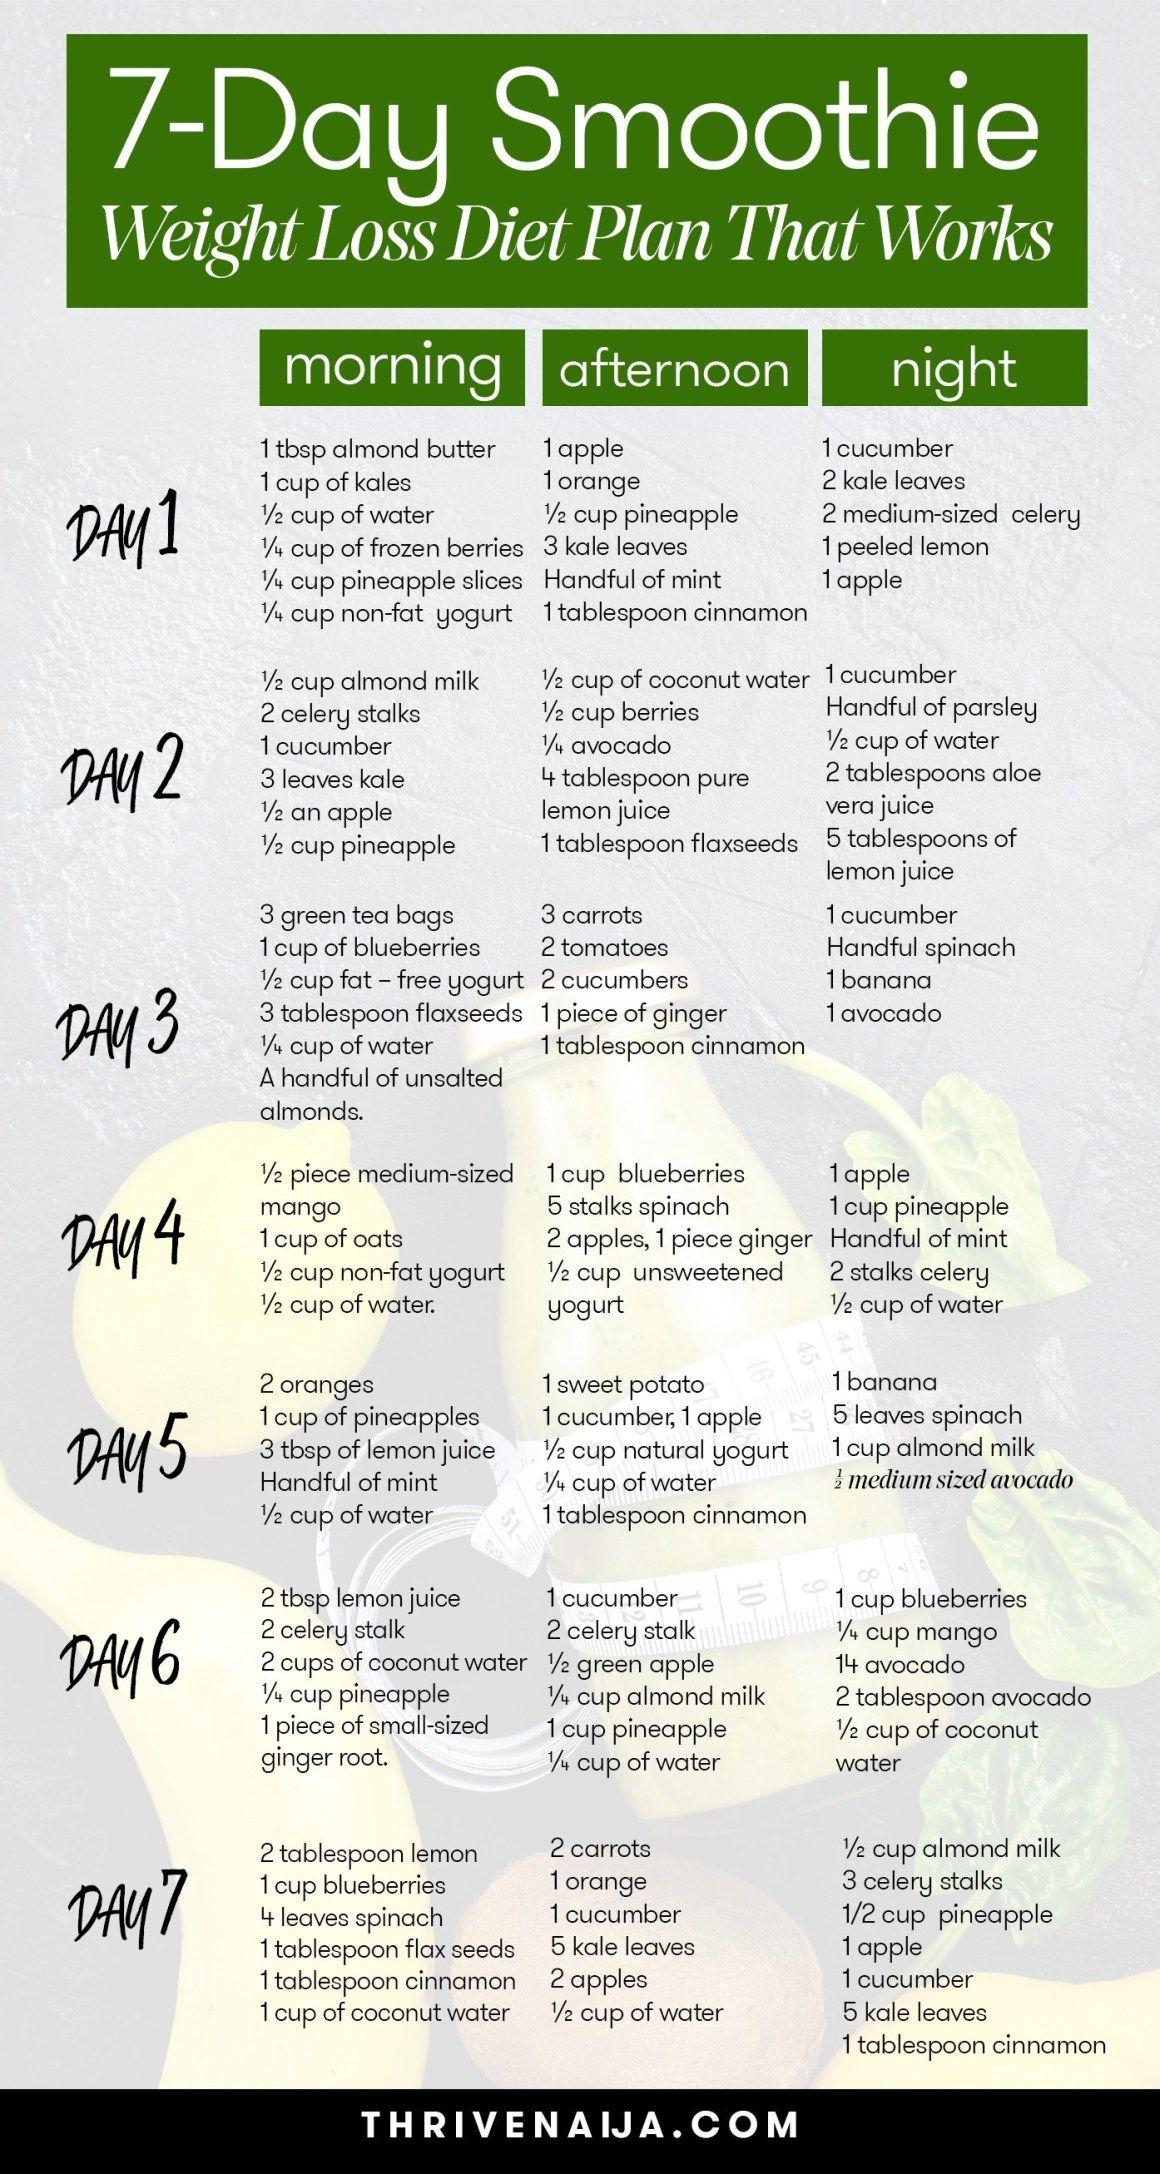 pierderi naturale de pierdere în greutate